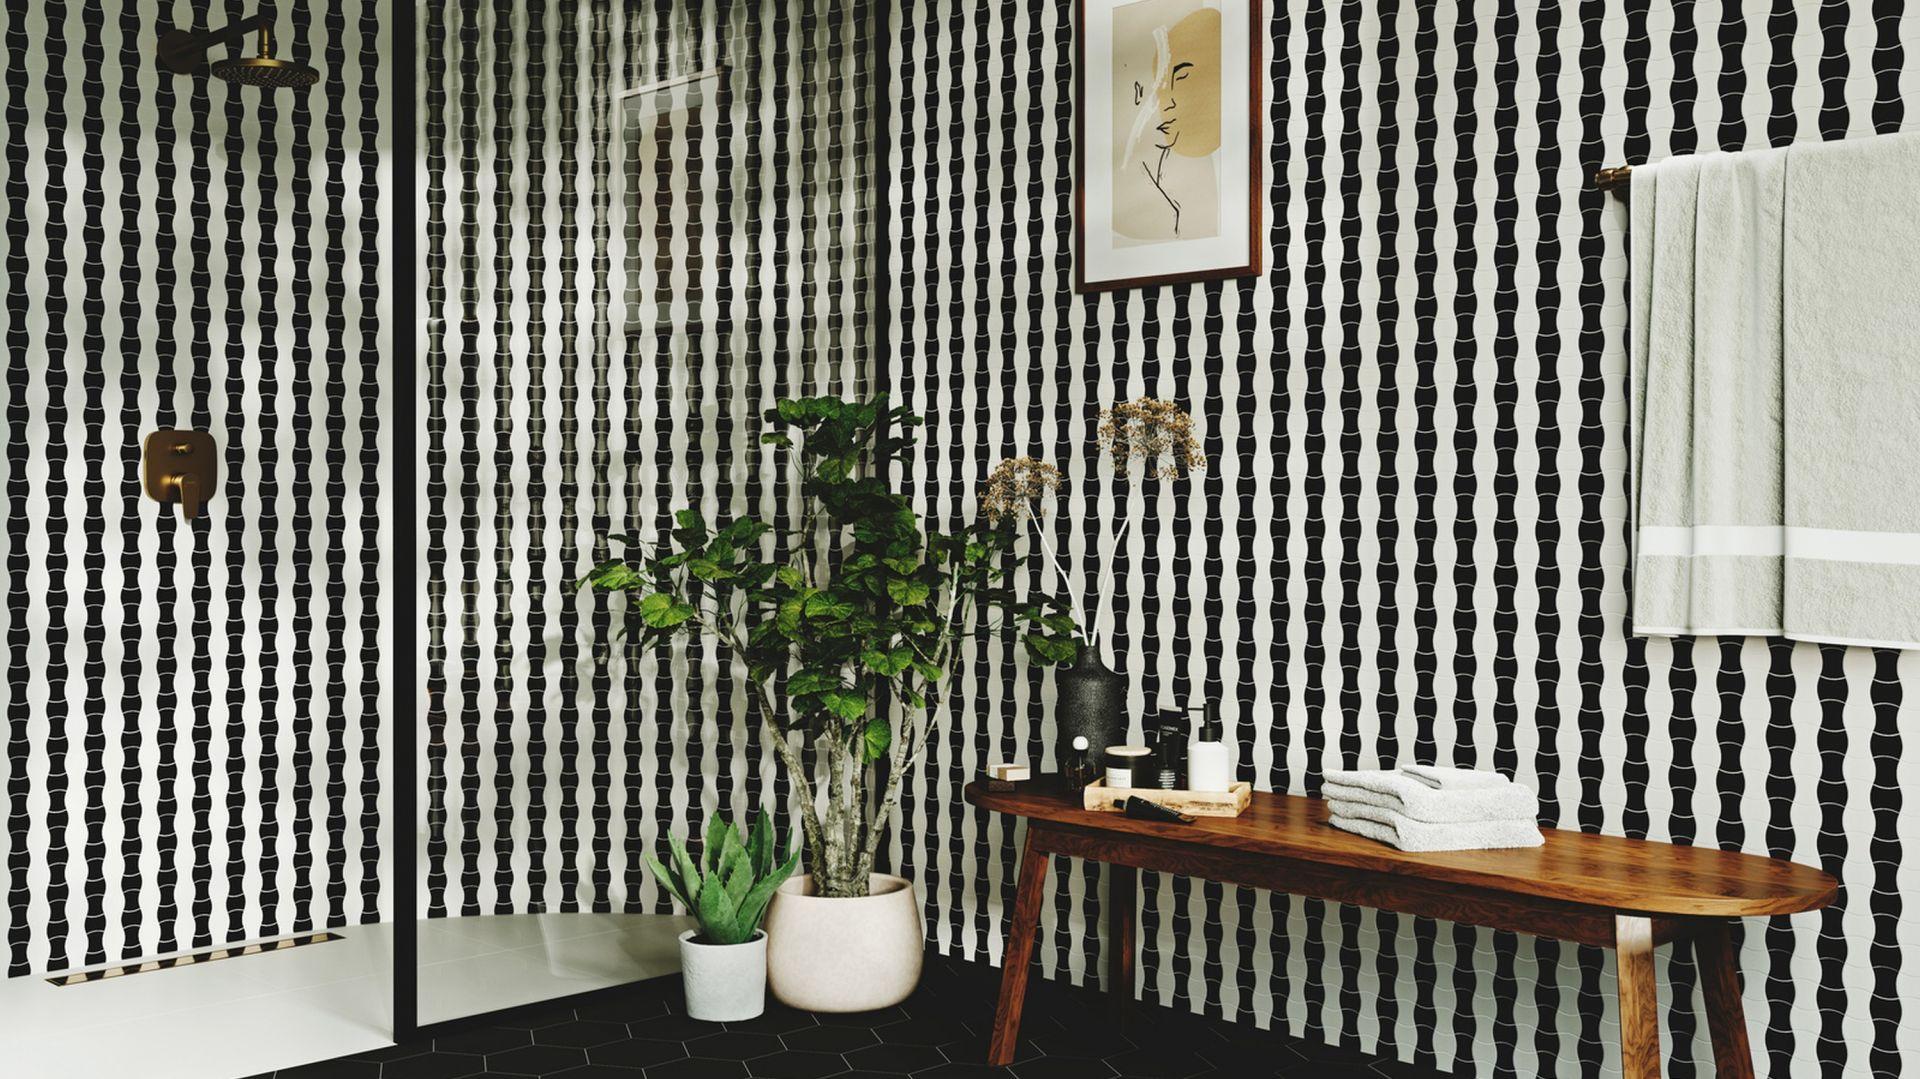 """Kolekcja """"Modernizm"""" stworzona przez specjalistów Ceramiki Paradyż we współpracy z cenioną projektantką Mają Ganszyniec. Fot. Modernizm Ceramika Paradyż"""